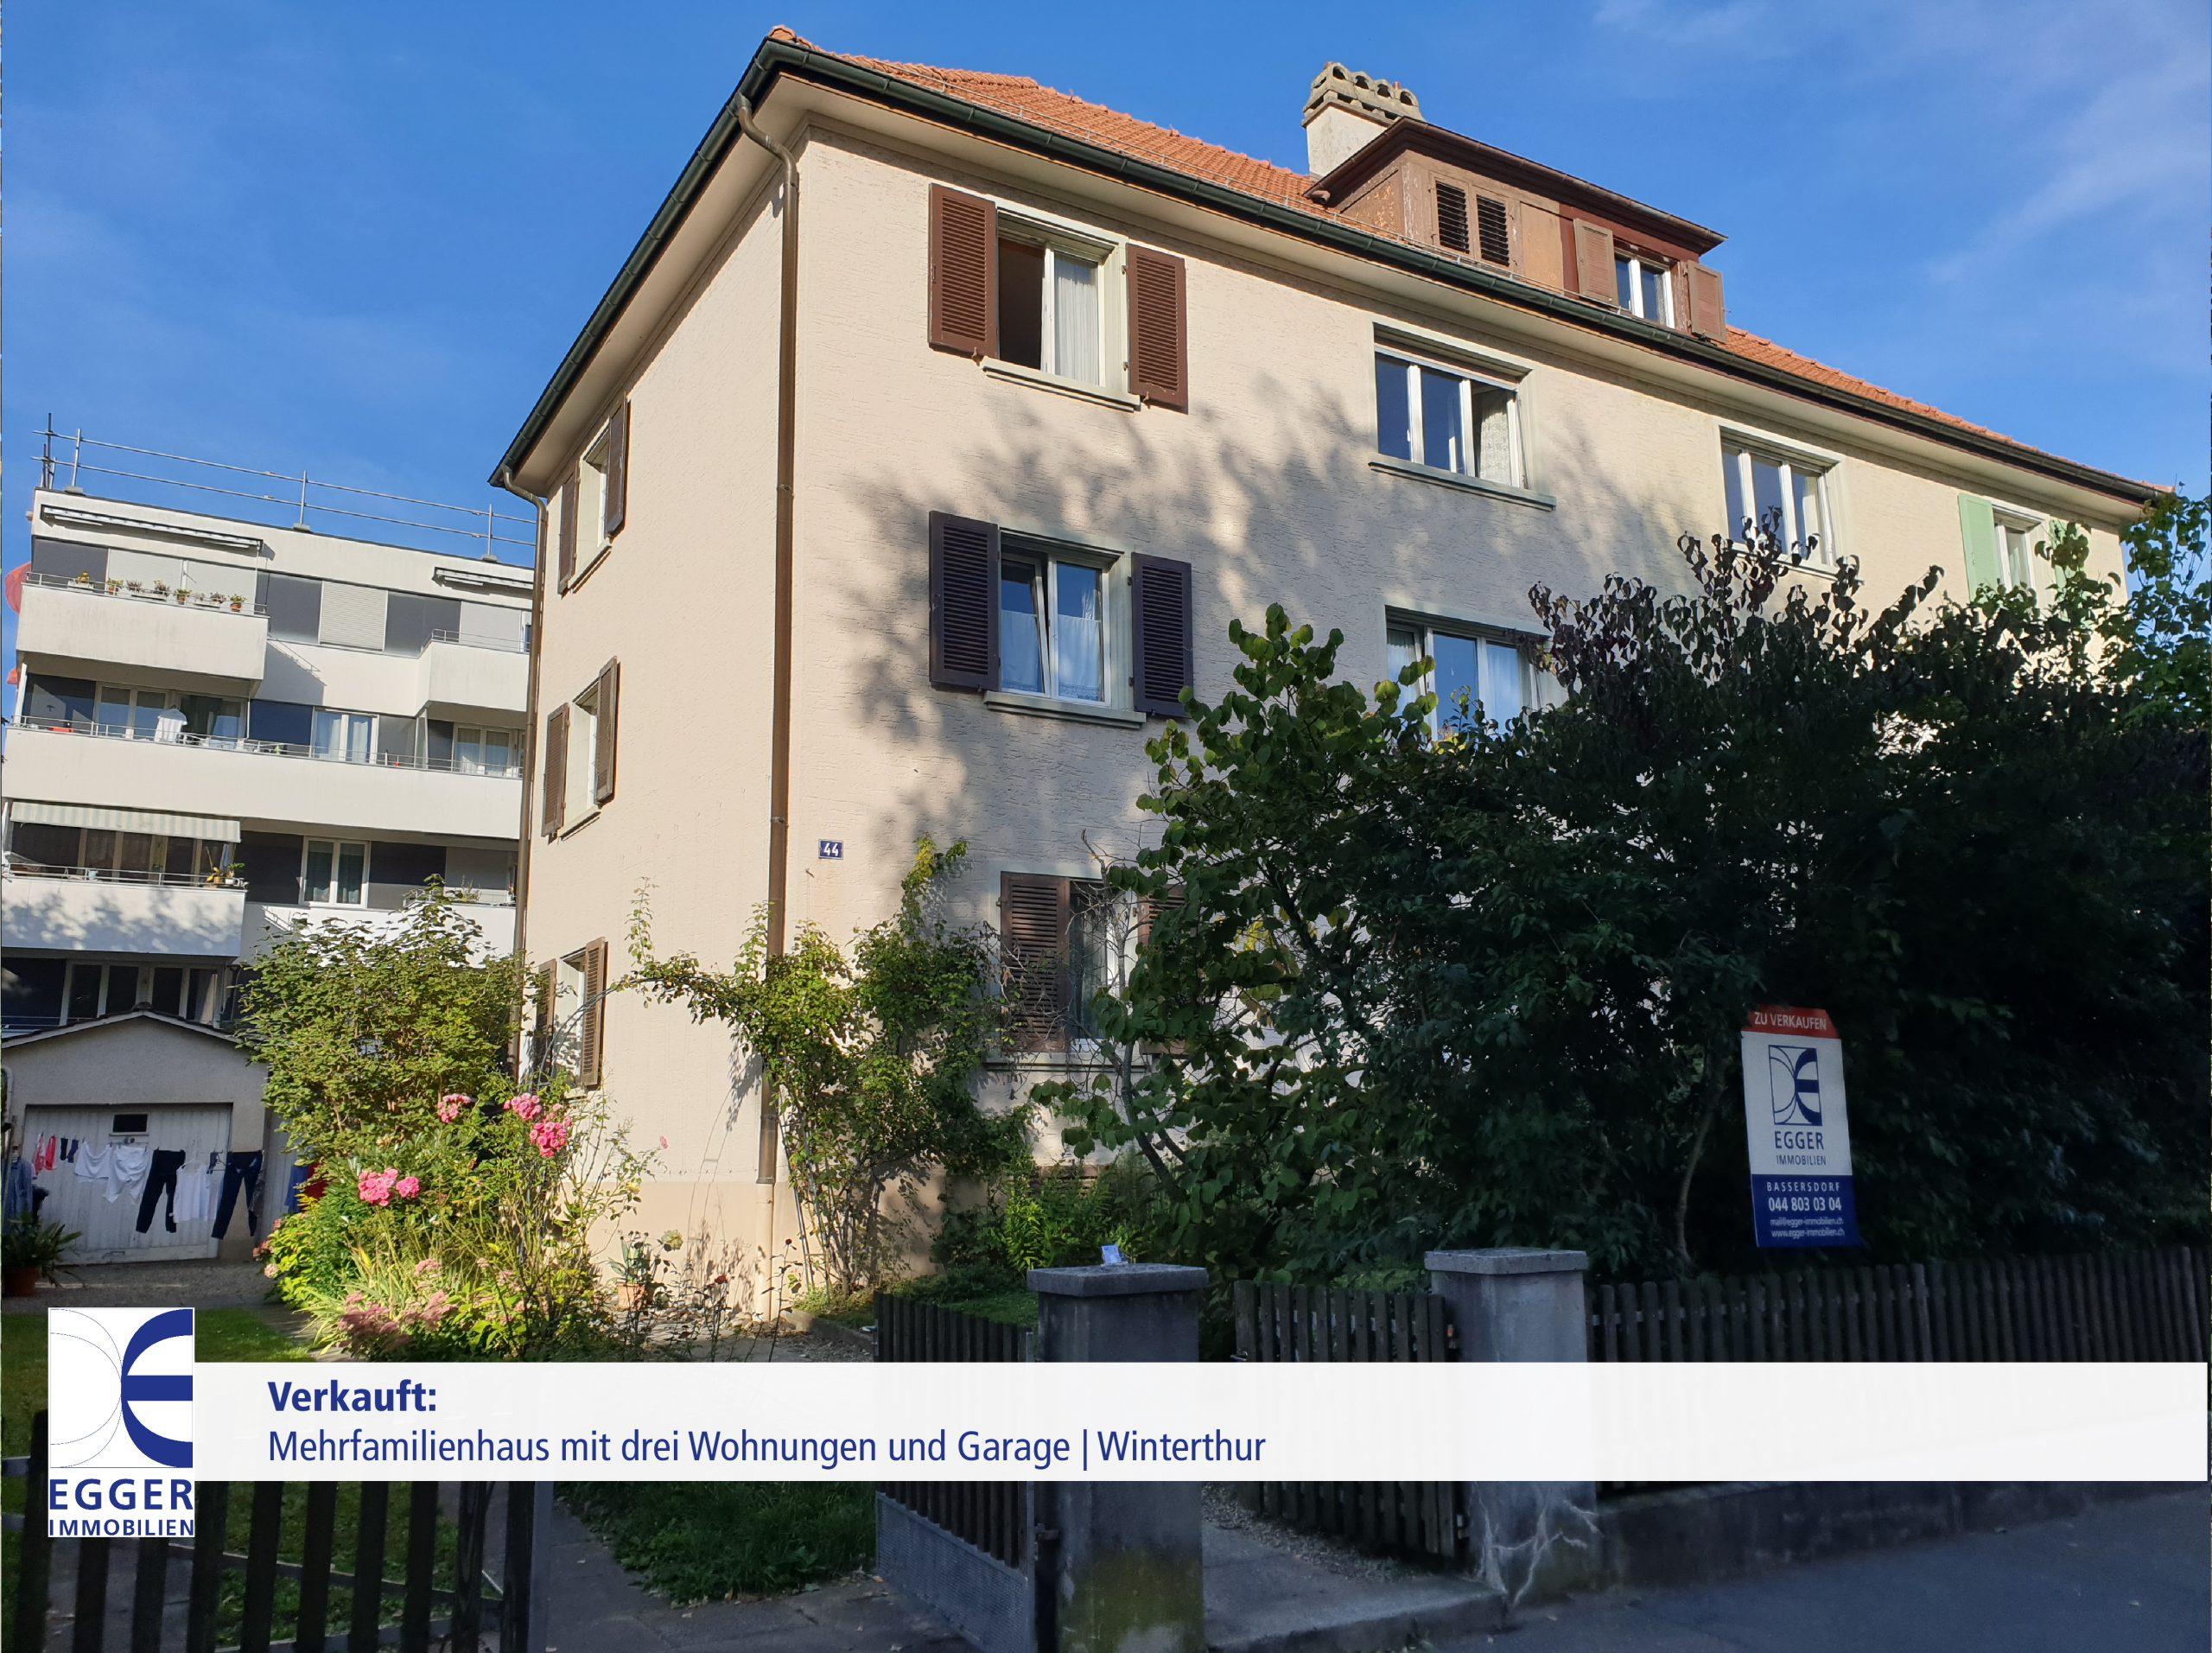 Mehrfamilienhaus mit drei Wohnungen in Winterthur